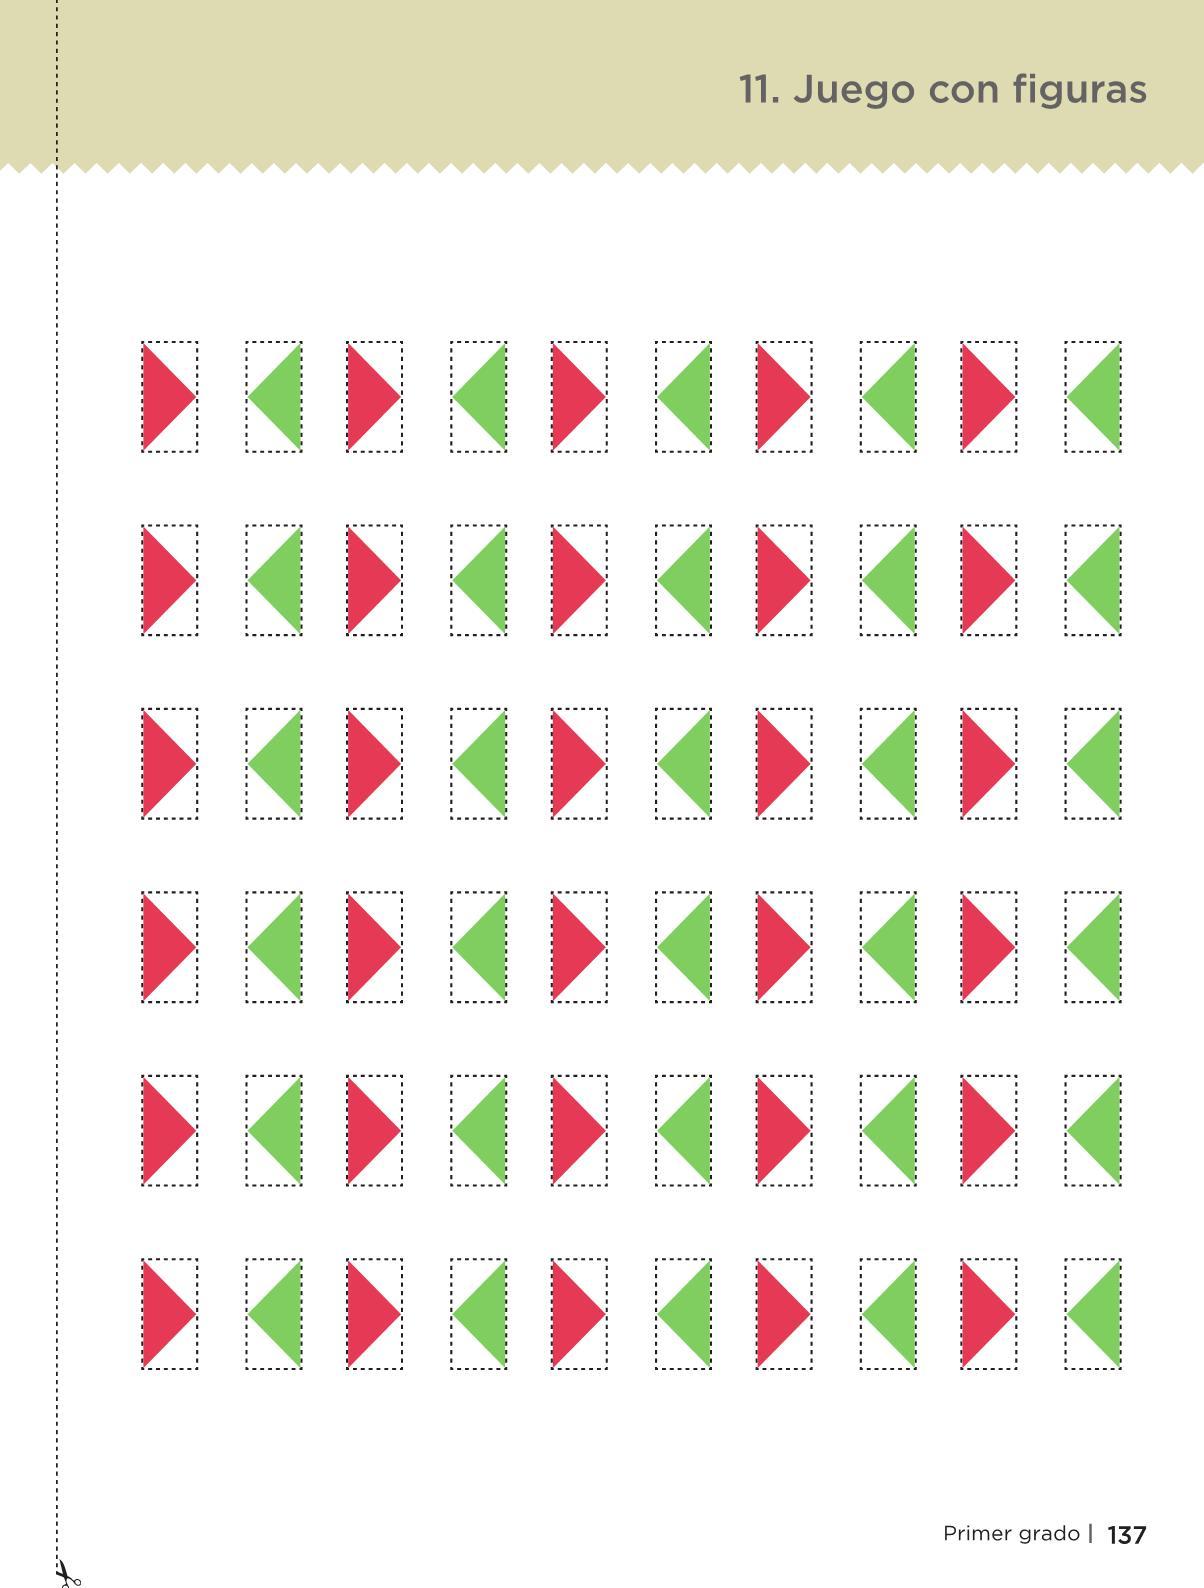 Libro de textoDesafíos MatemáticosJuego con figurasPrimer gradoContestado